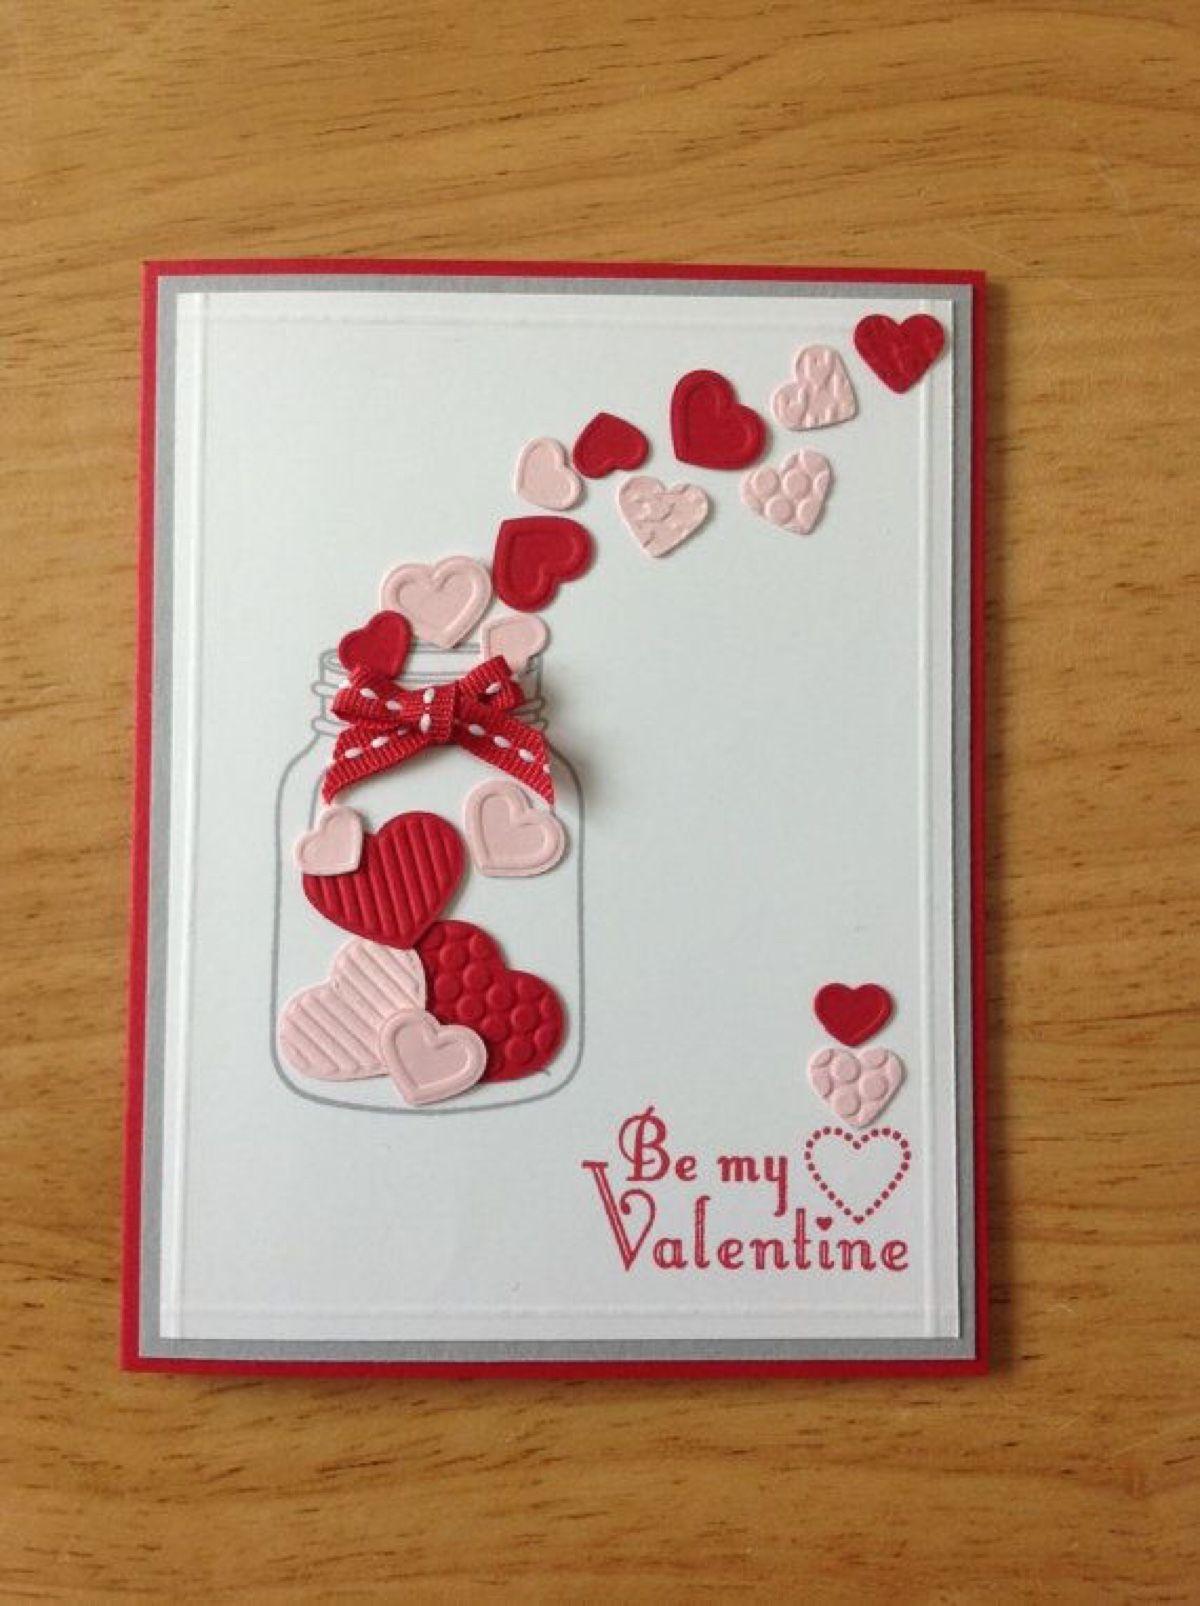 Pin Oleh Nurman Amirudin Di Love Cover Kreatif Ide Dan E Card